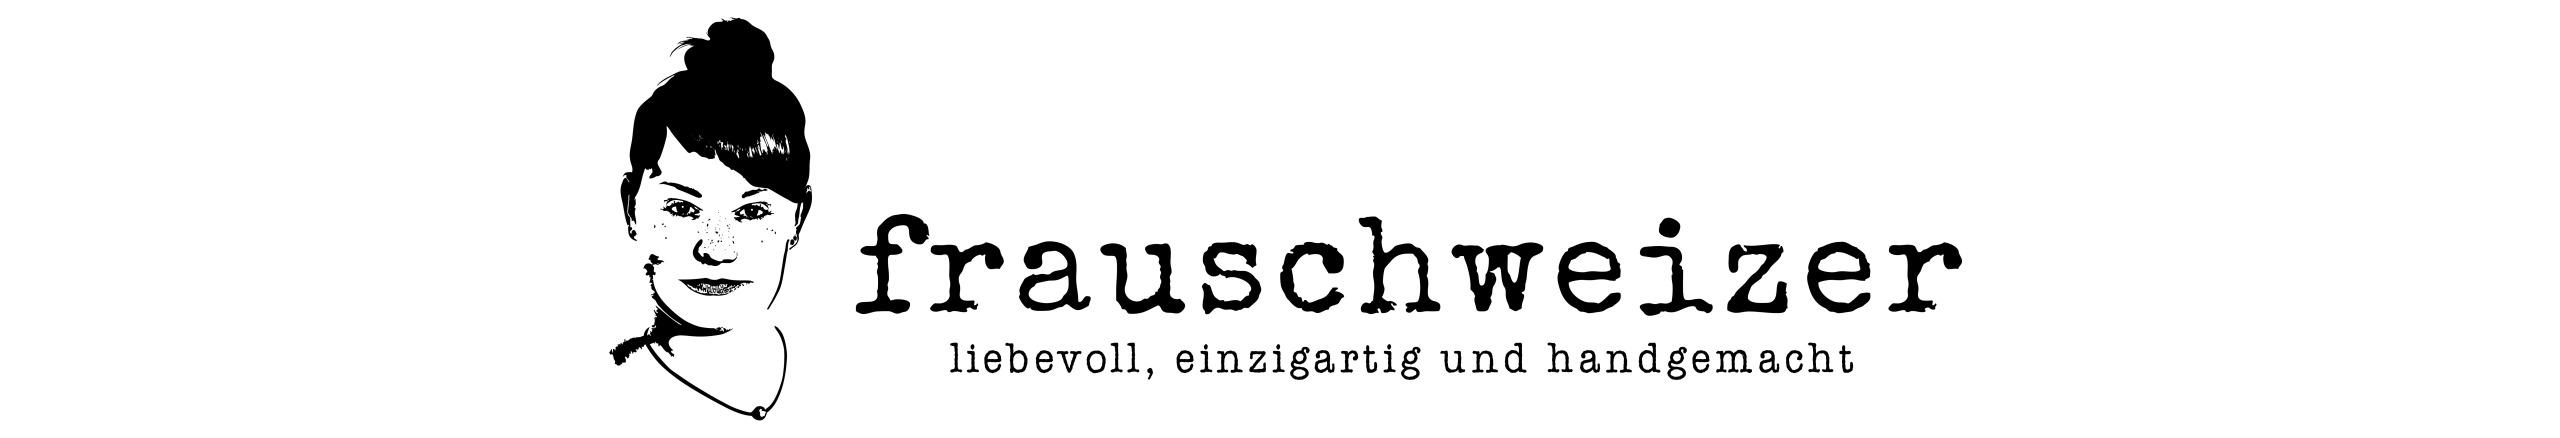 Frau Schweizer- einfache DIY & leckere Rezepte